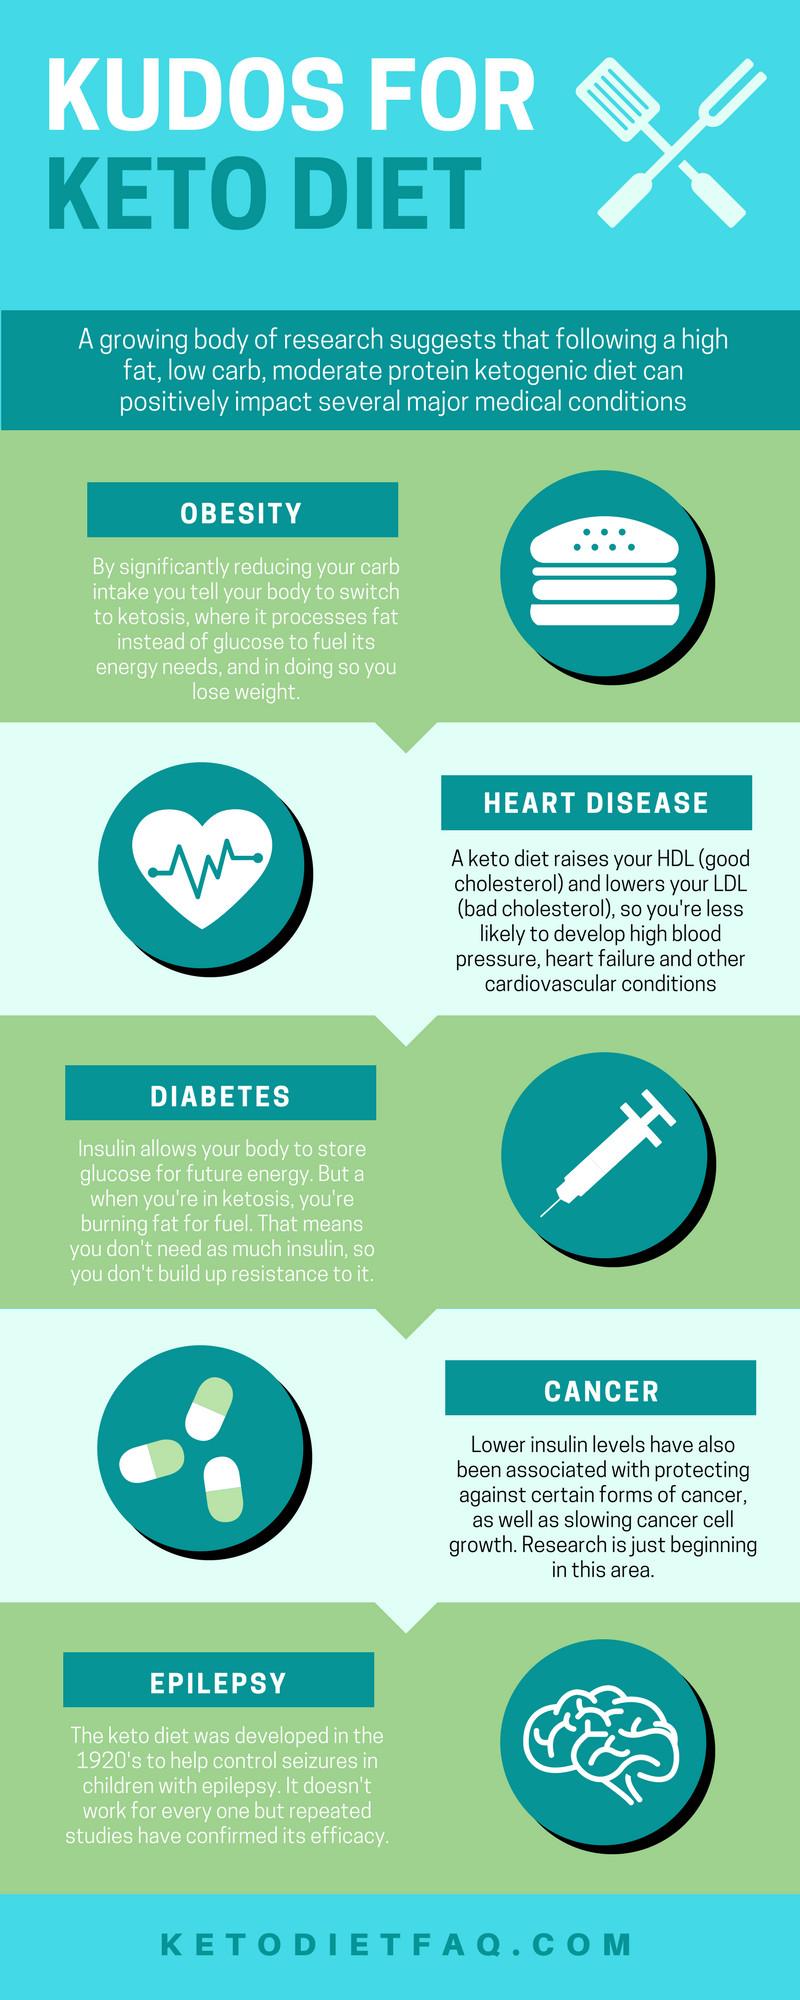 Keto Diet Information  Keto t facts Keto Diet